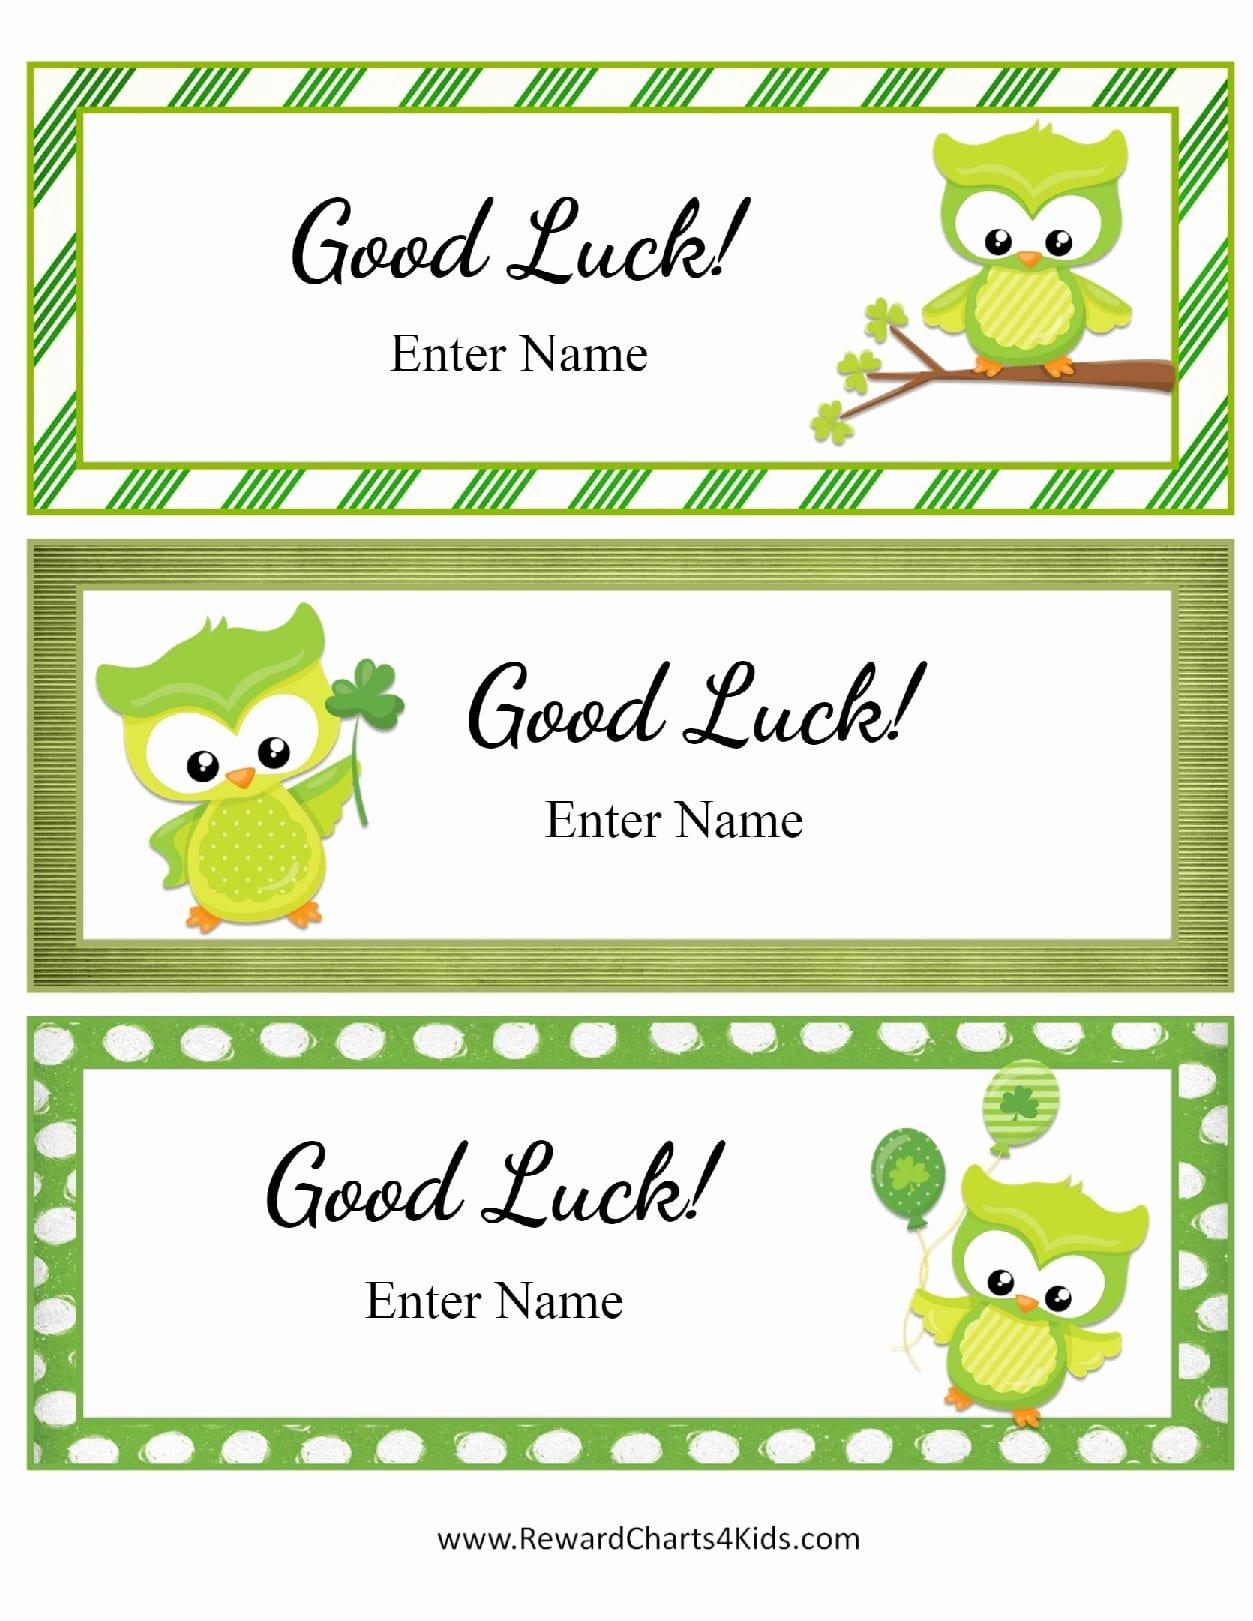 Good Luck Card Template Lovely Good Luck Card Template Portablegasgrillweber